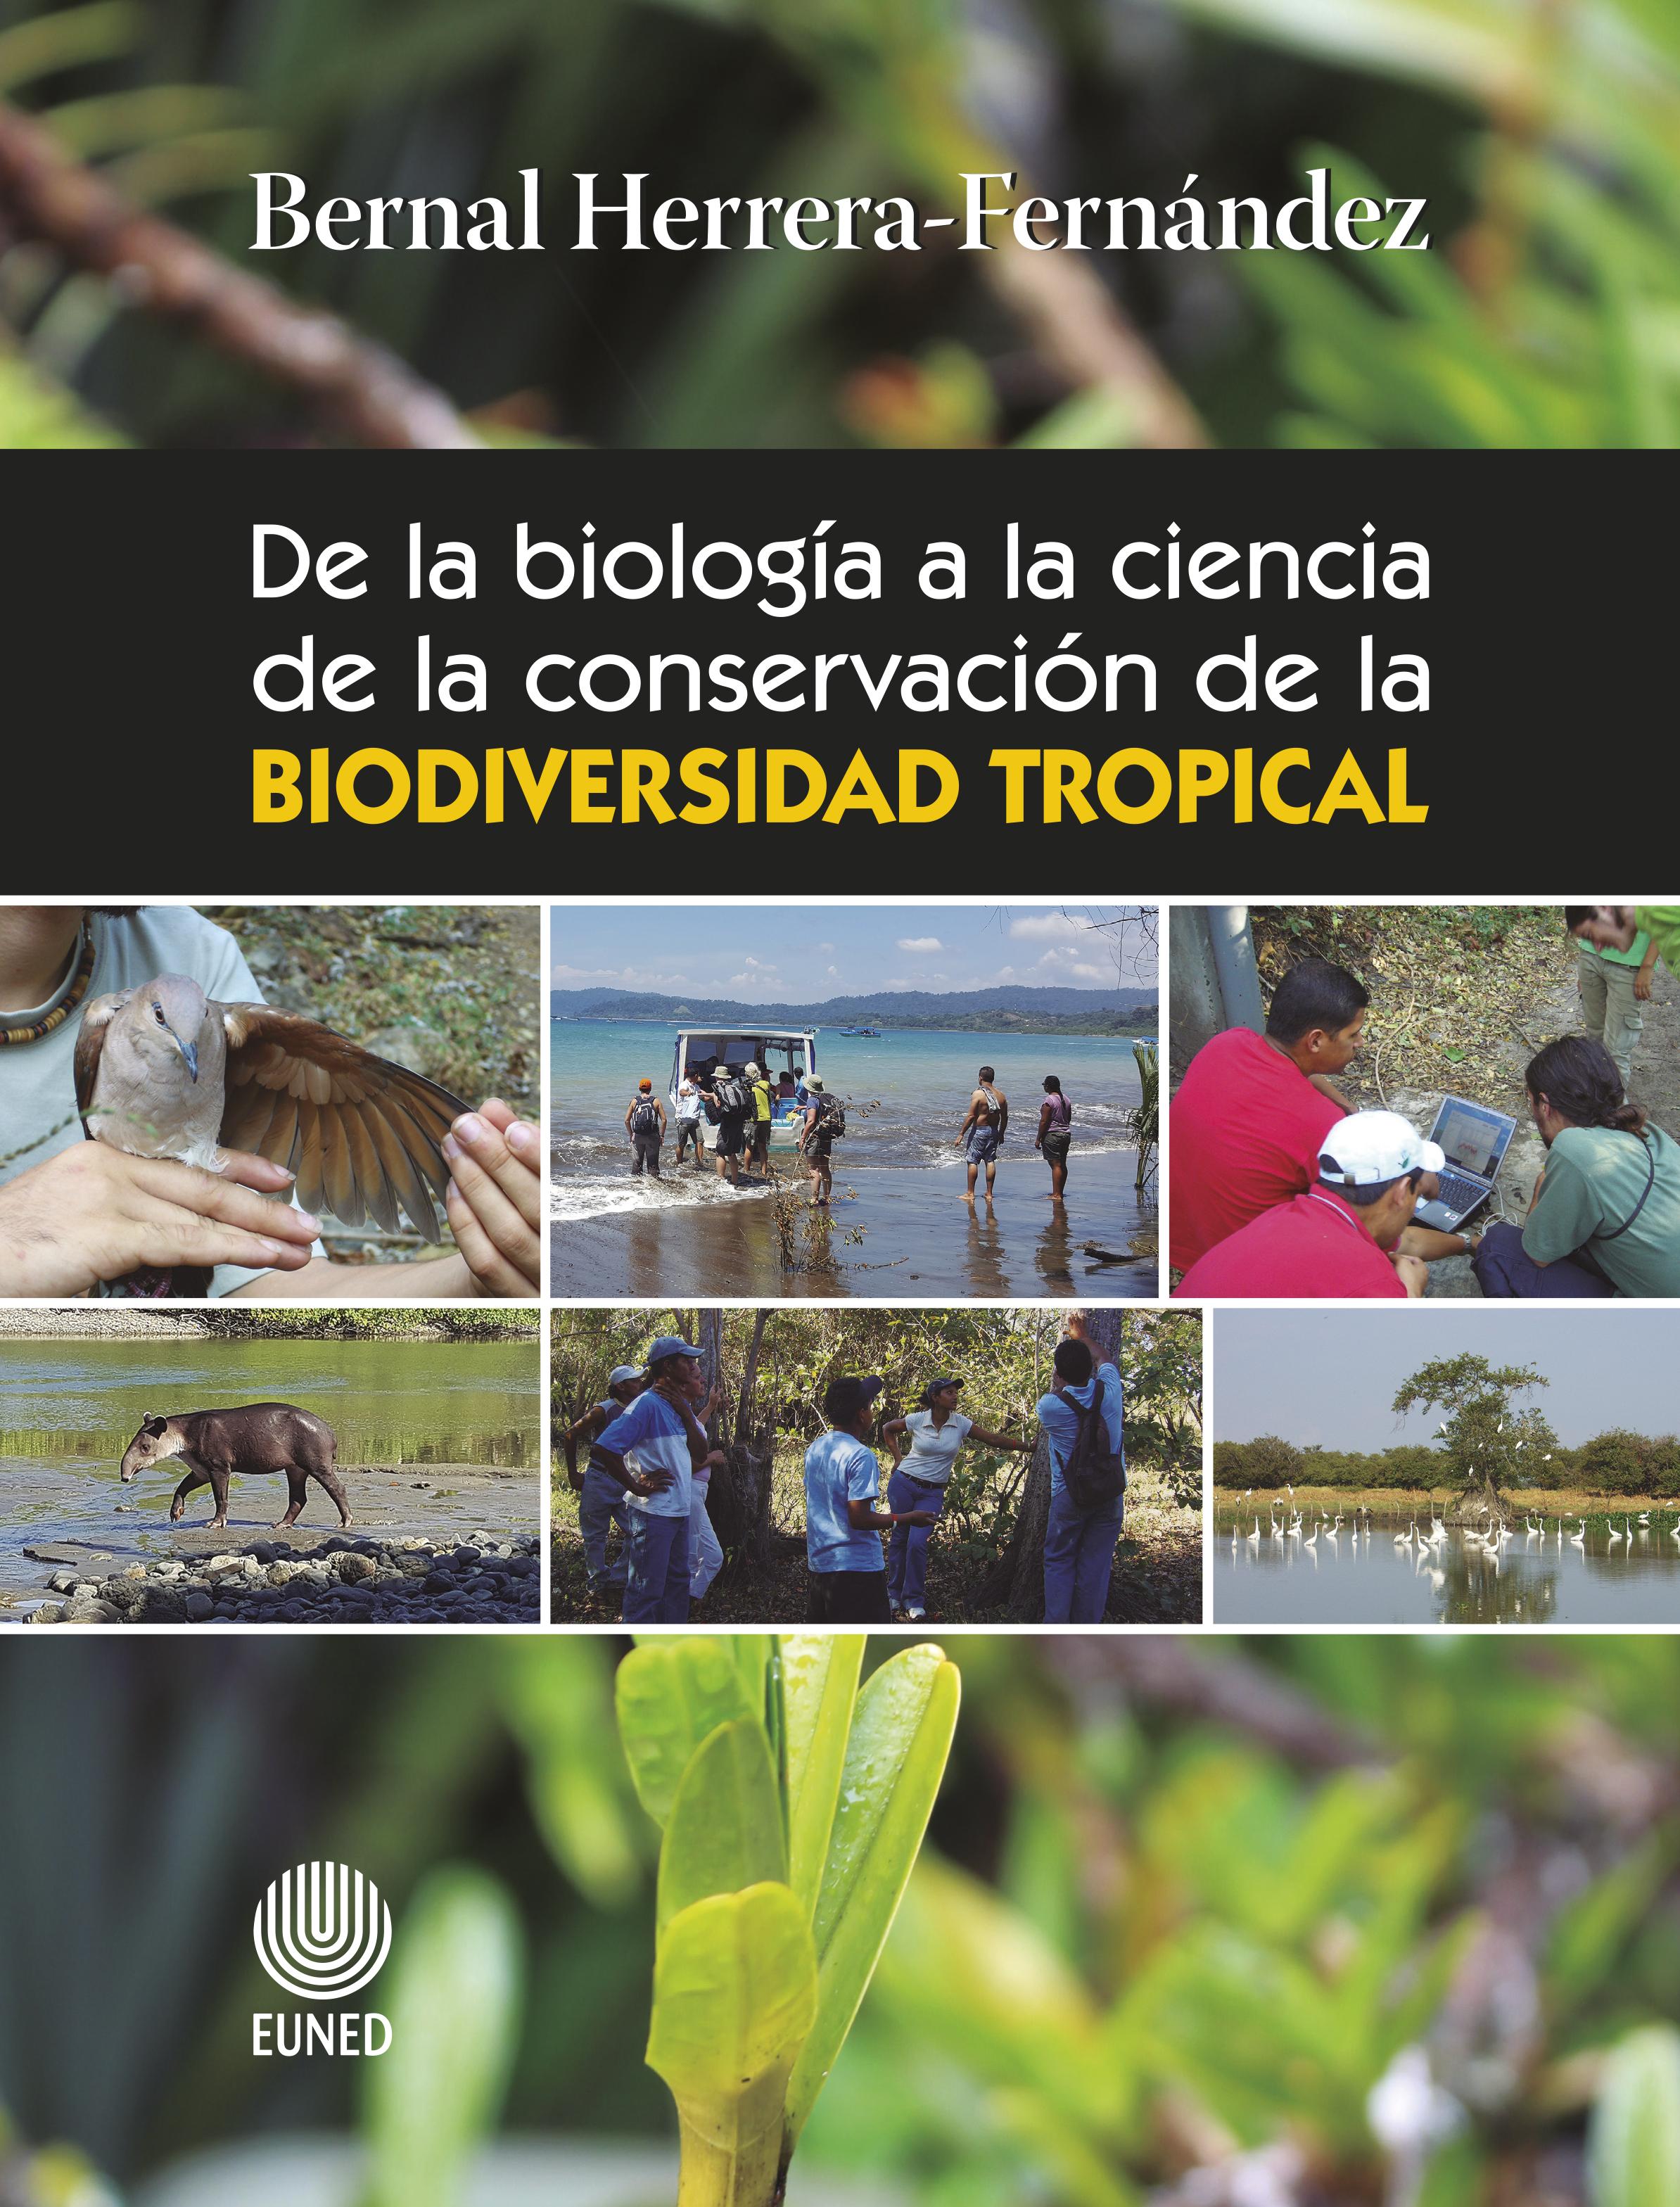 De la biología a la ciencia de la conservación de la biodiversidad tropical